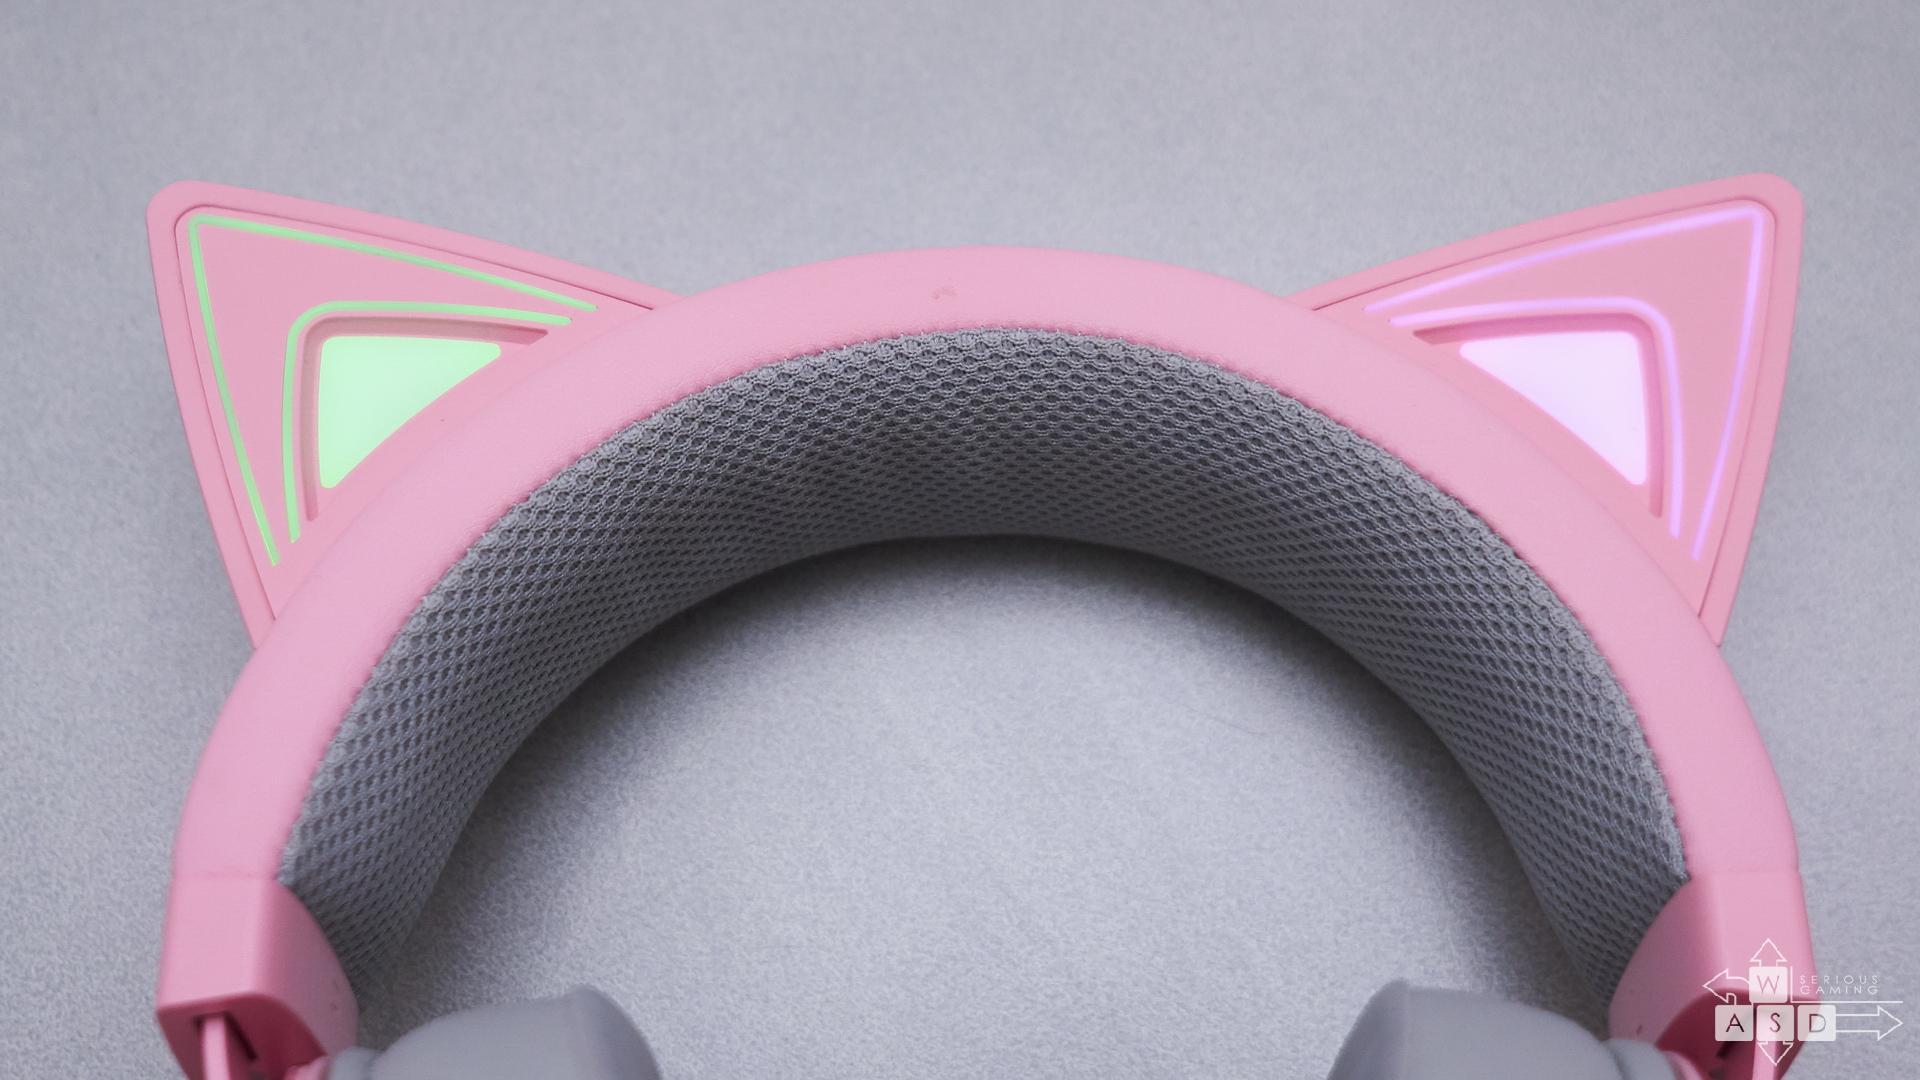 Razer Kraken Kitty RGB Quartz review | WASD.ro